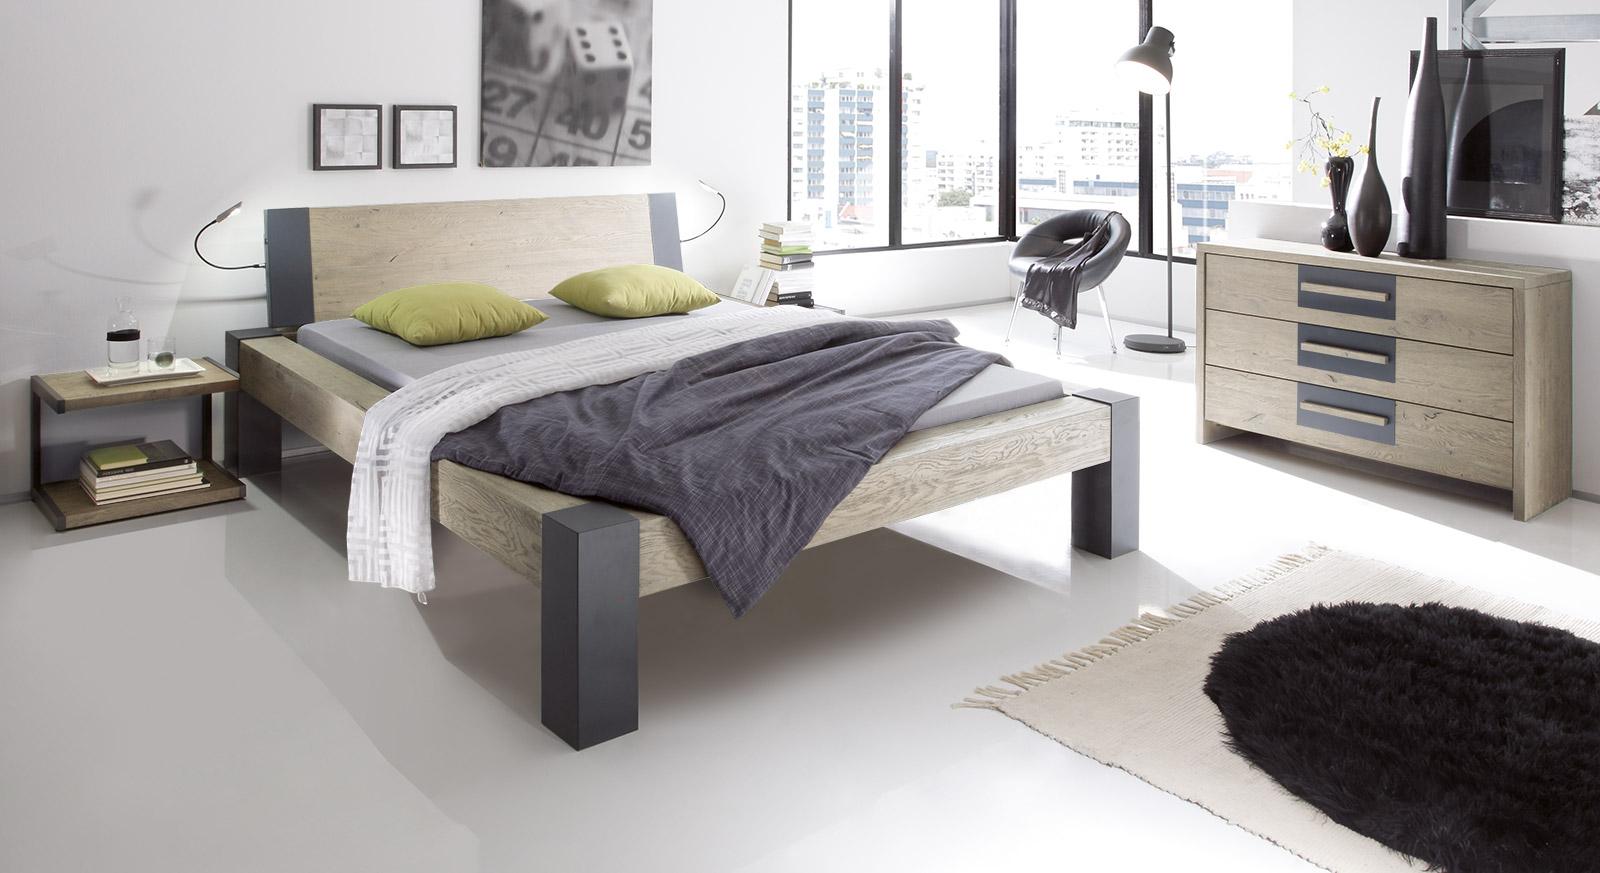 bett aus wildeiche in z b 160x200 cm serio. Black Bedroom Furniture Sets. Home Design Ideas